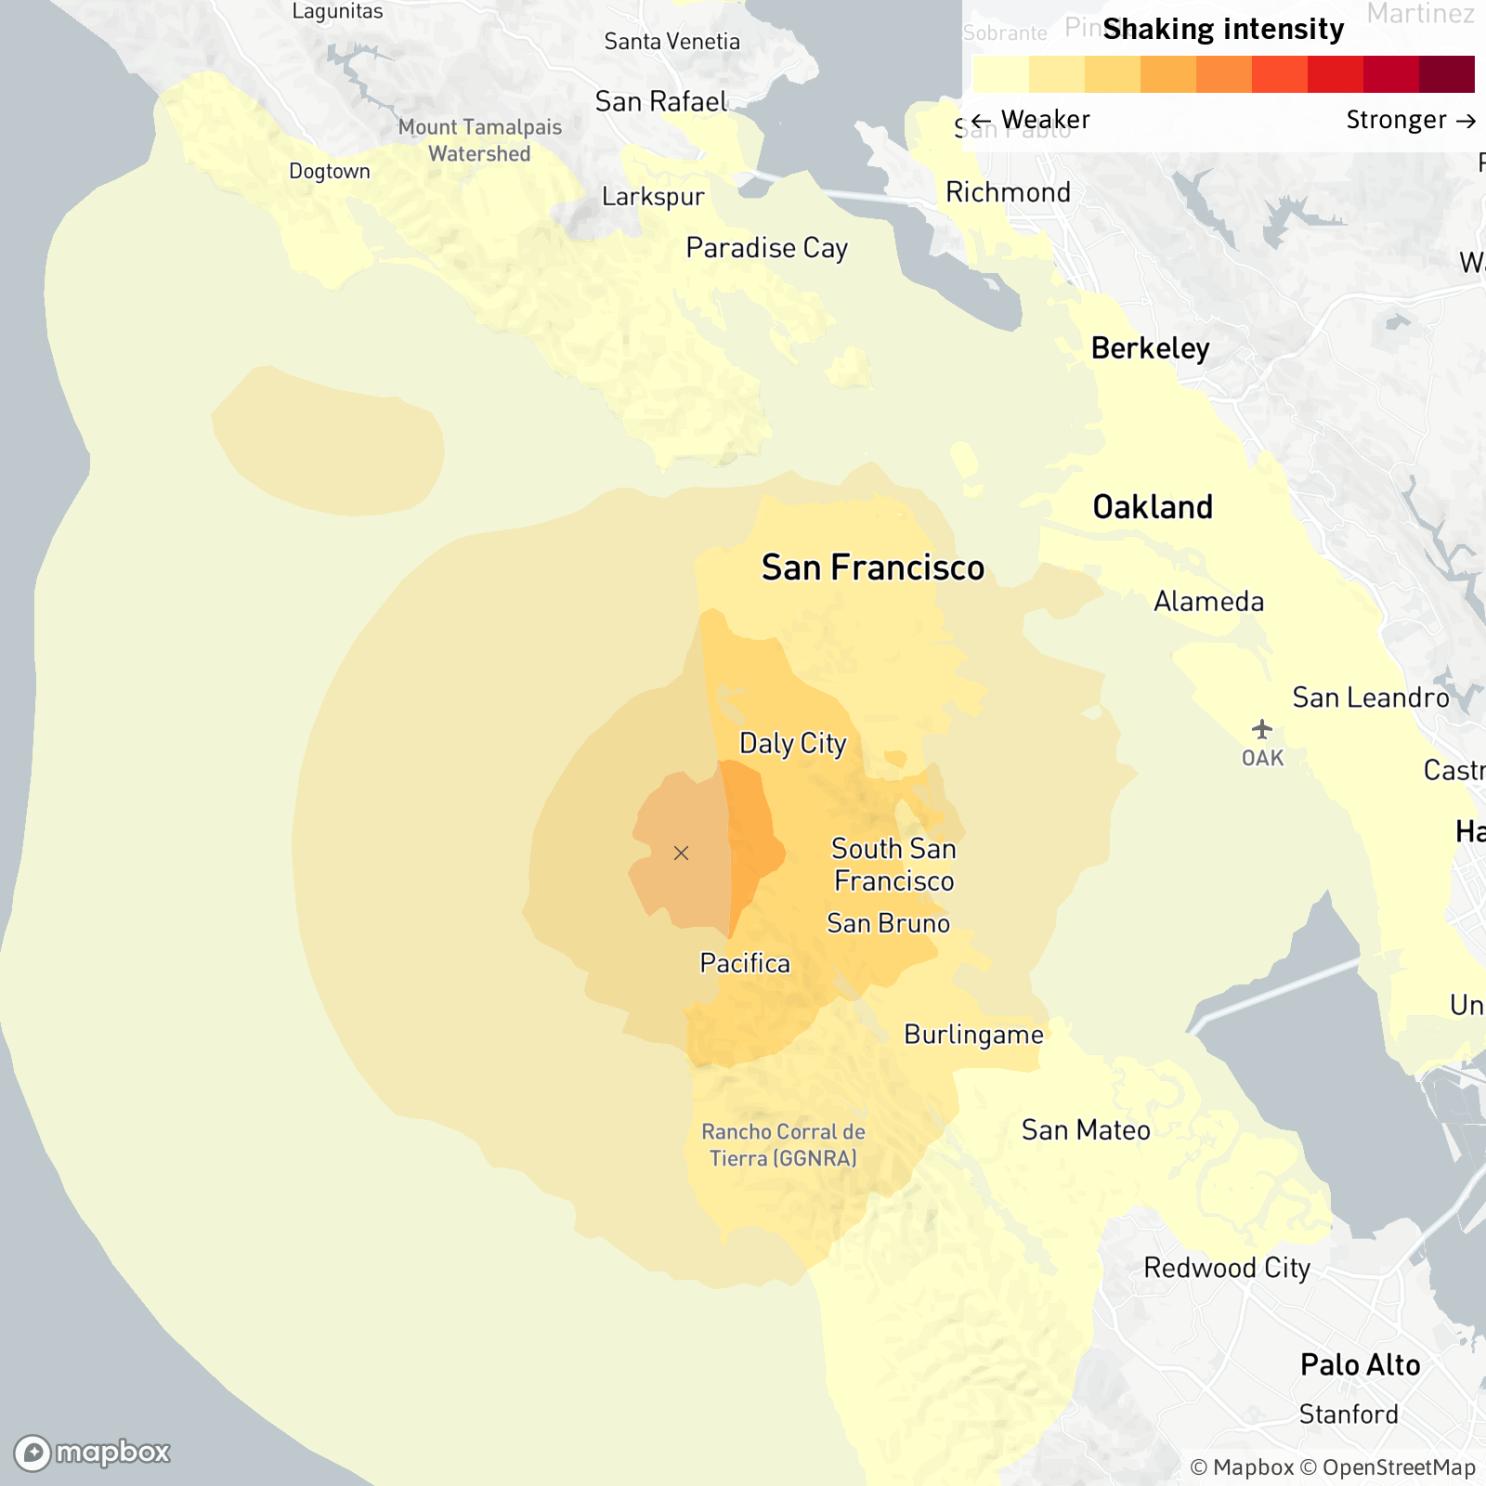 Magnitude 3 5 Earthquake Felt Across San Francisco Bay Area Los Angeles Times